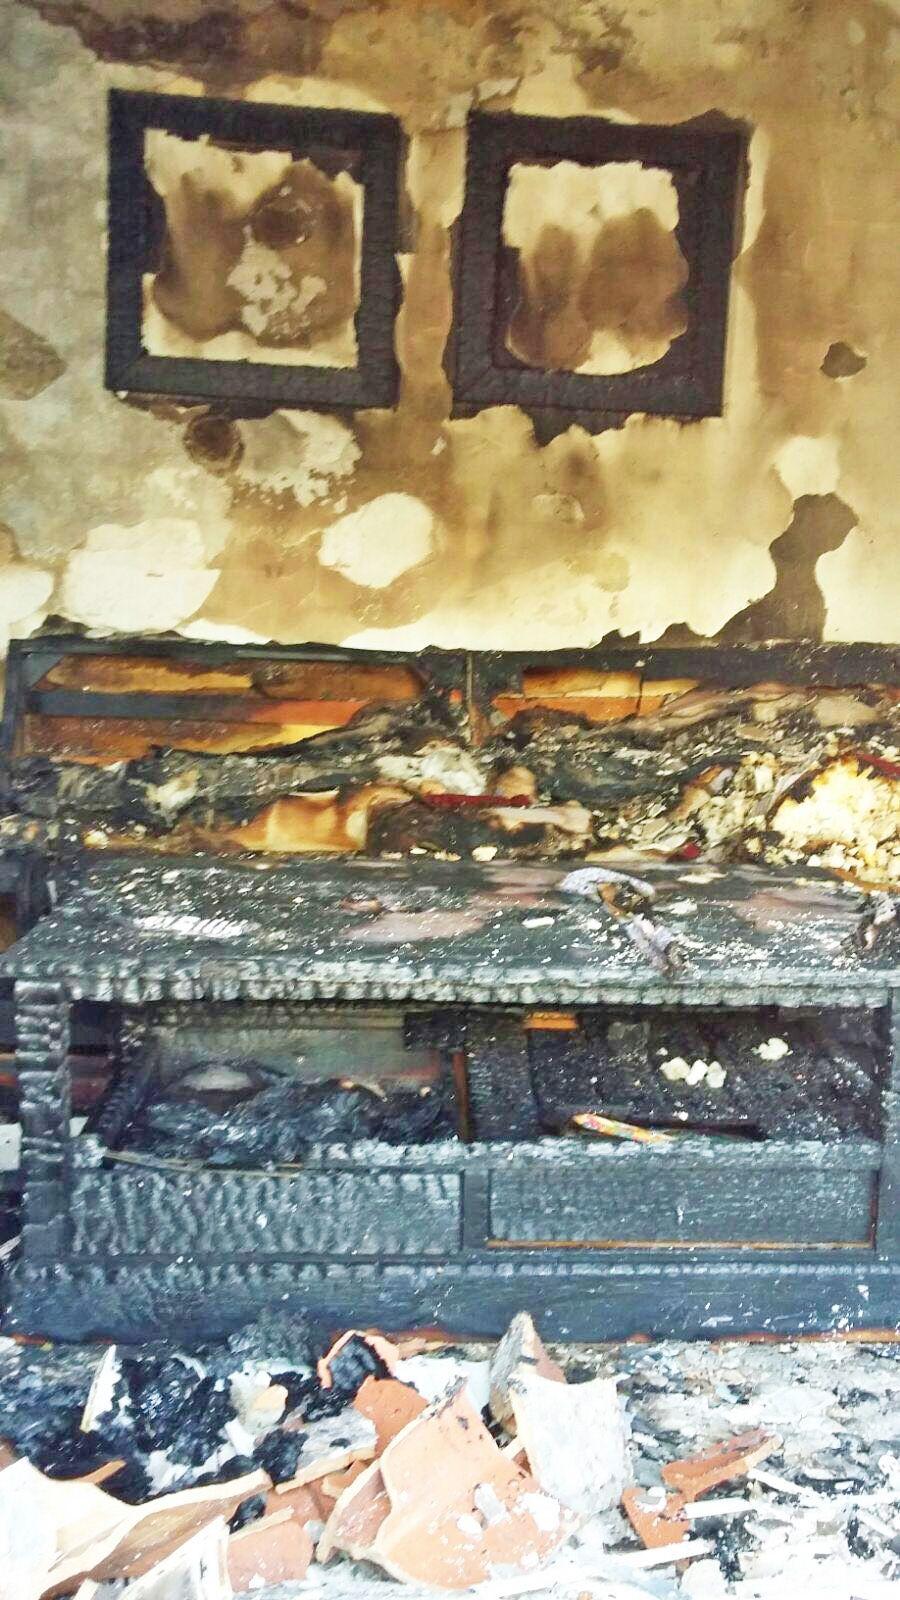 Incendio en unifamiliar en El Torno 2